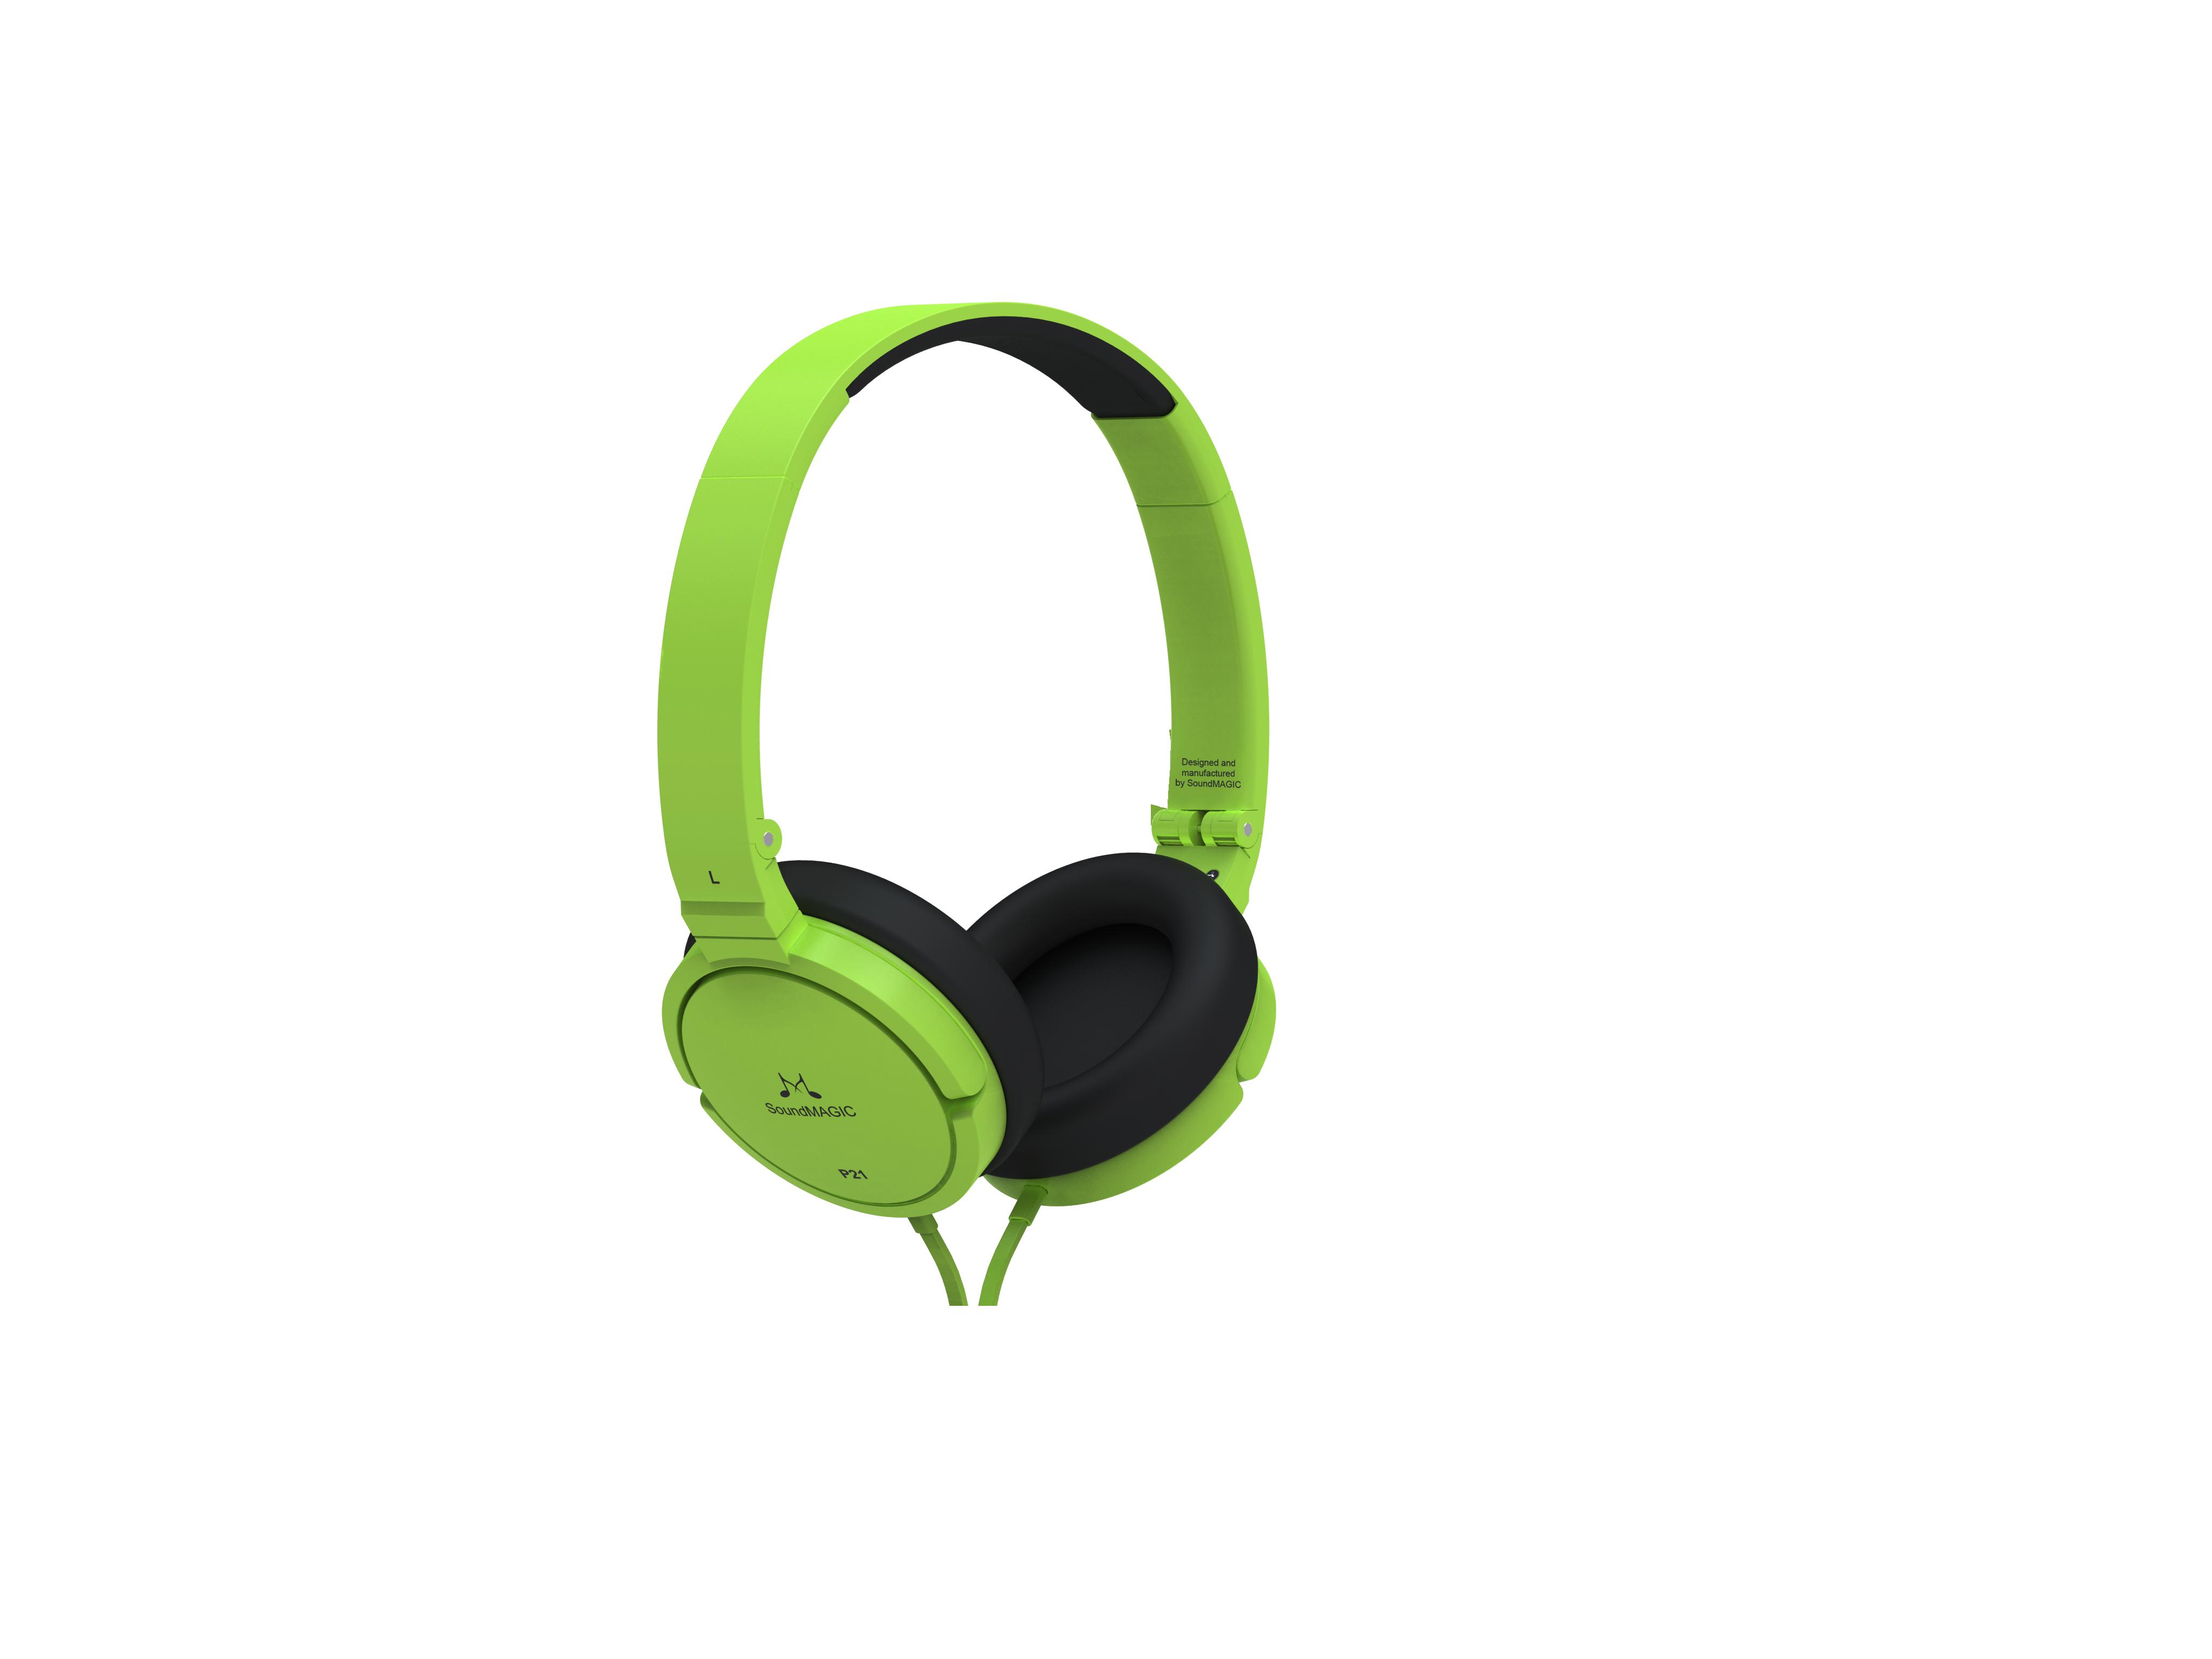 ขายหูฟัง SoundMagic P21 เฮดโฟนแบบพกพา แพดหนังใส่สบาย สายไม่พันกัน พับได้พกพาสะดวก